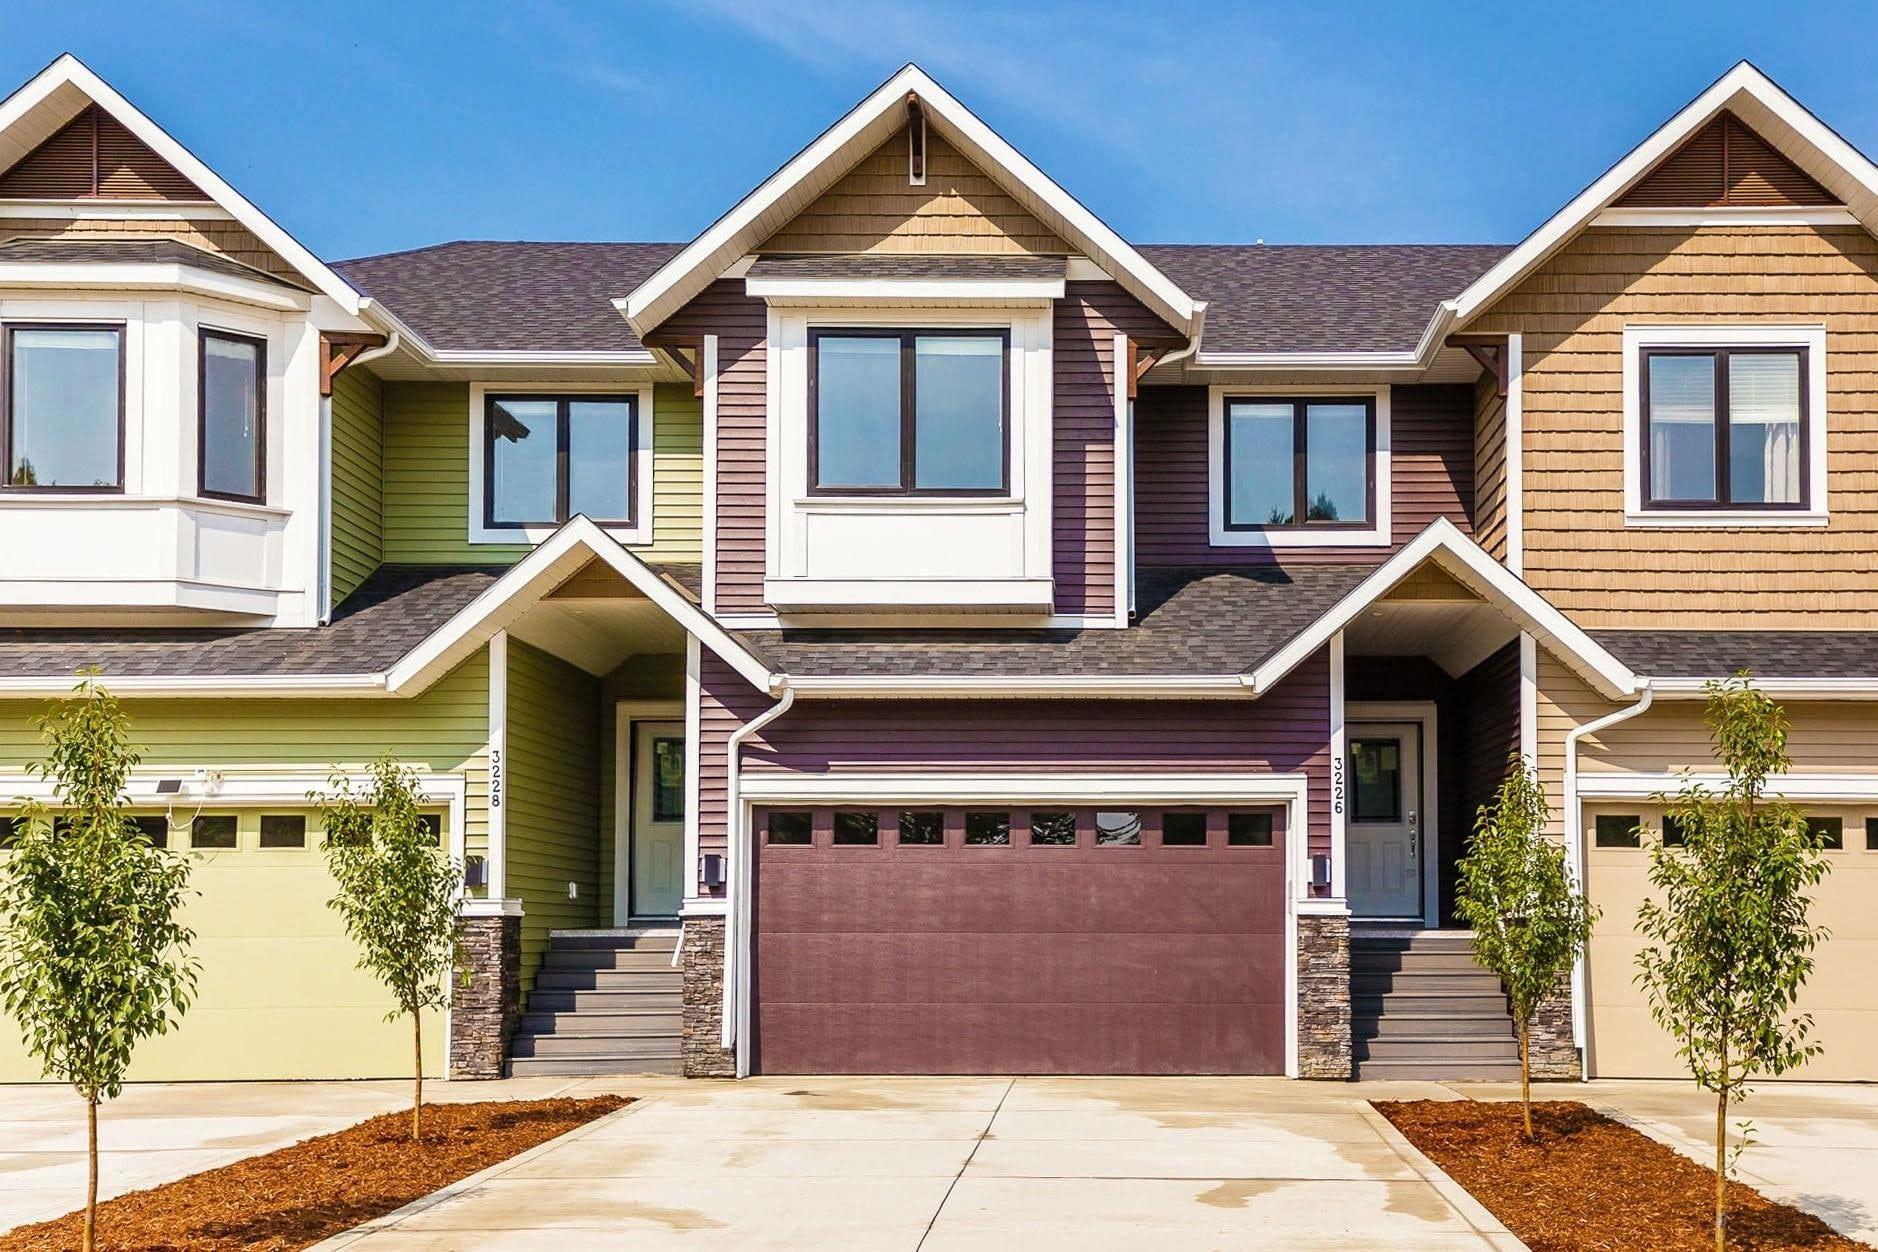 Fraser valley homes for sale